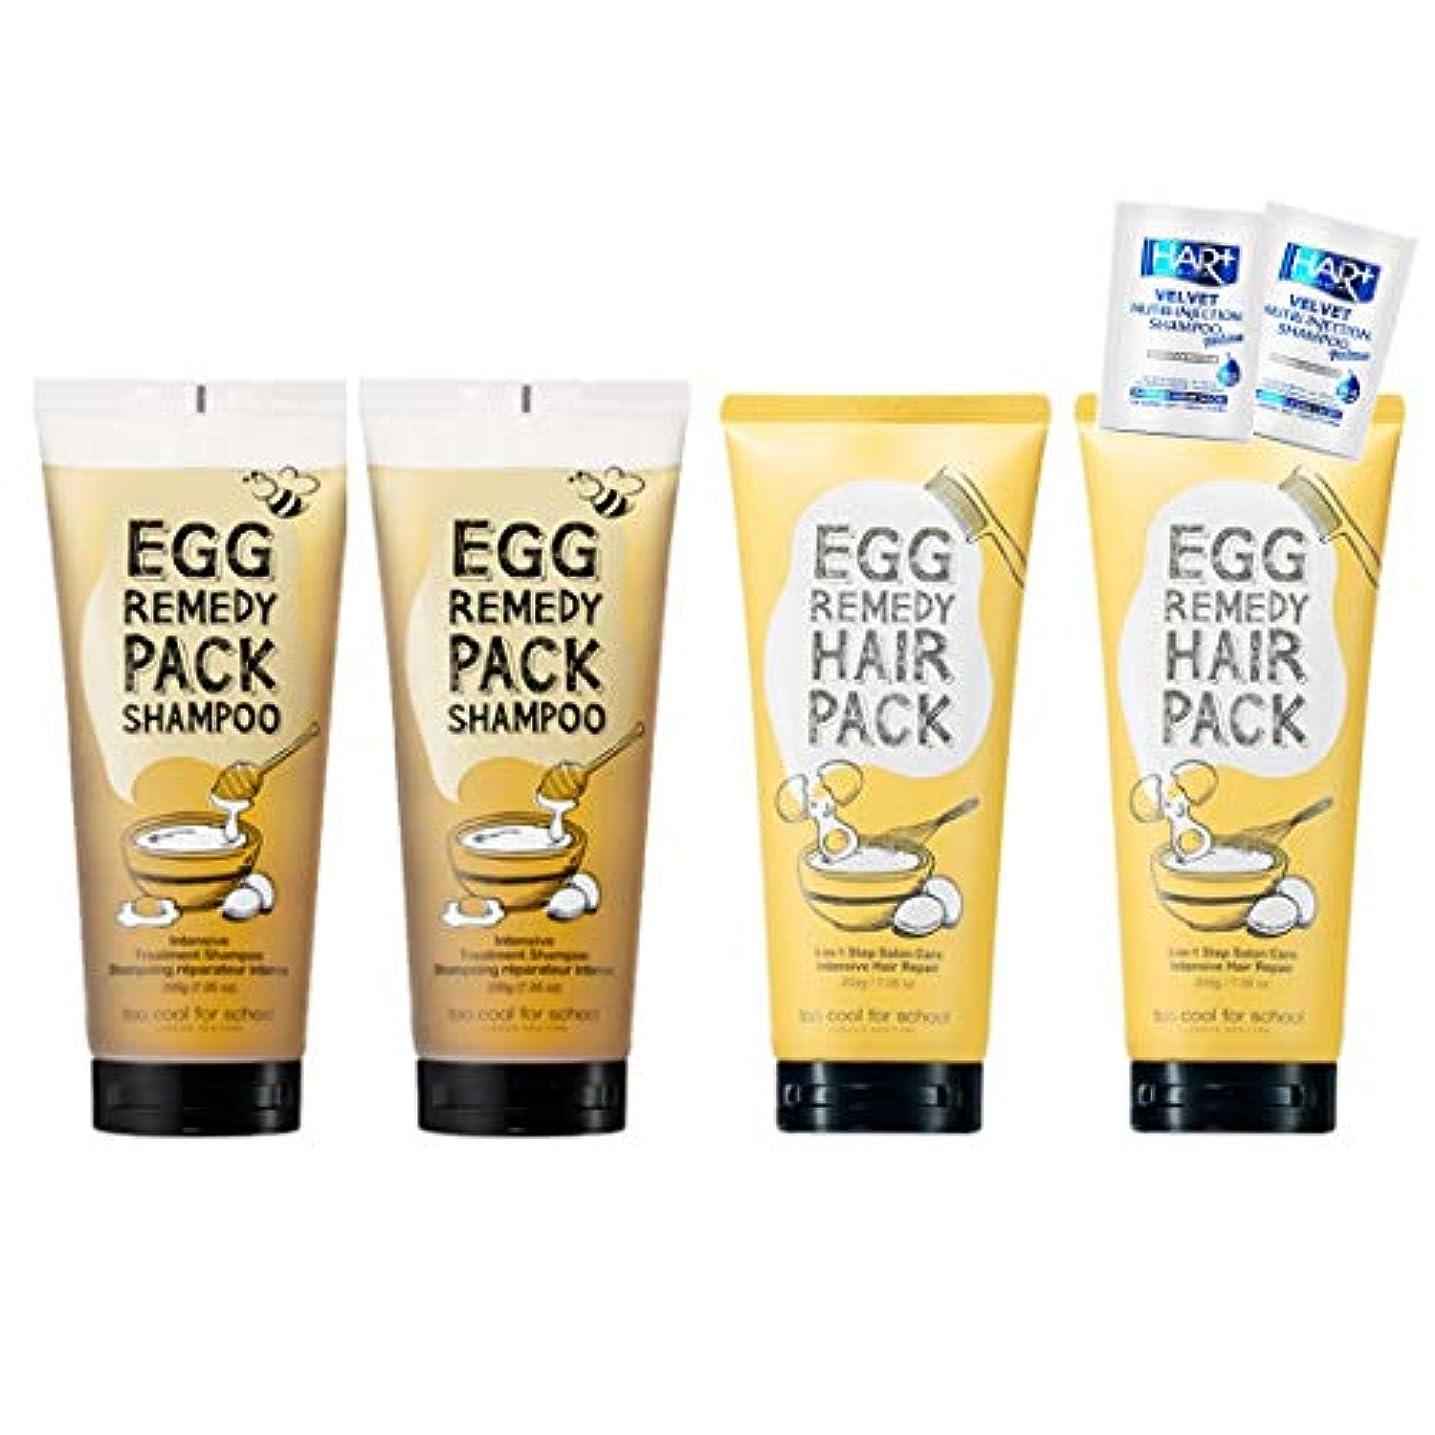 検査官比べる六トゥークールフォ―スクール(too cool for school)/エッグレミディパックシャンプーtoo cool for school Egg Remedy Pack Shampoo 200ml X 2EA + エッグレミディヘアパック/ too cool for school Egg Remedy Hair Pack 200ML X 2EA[並行輸入品]+non silicon shampoo 8ml